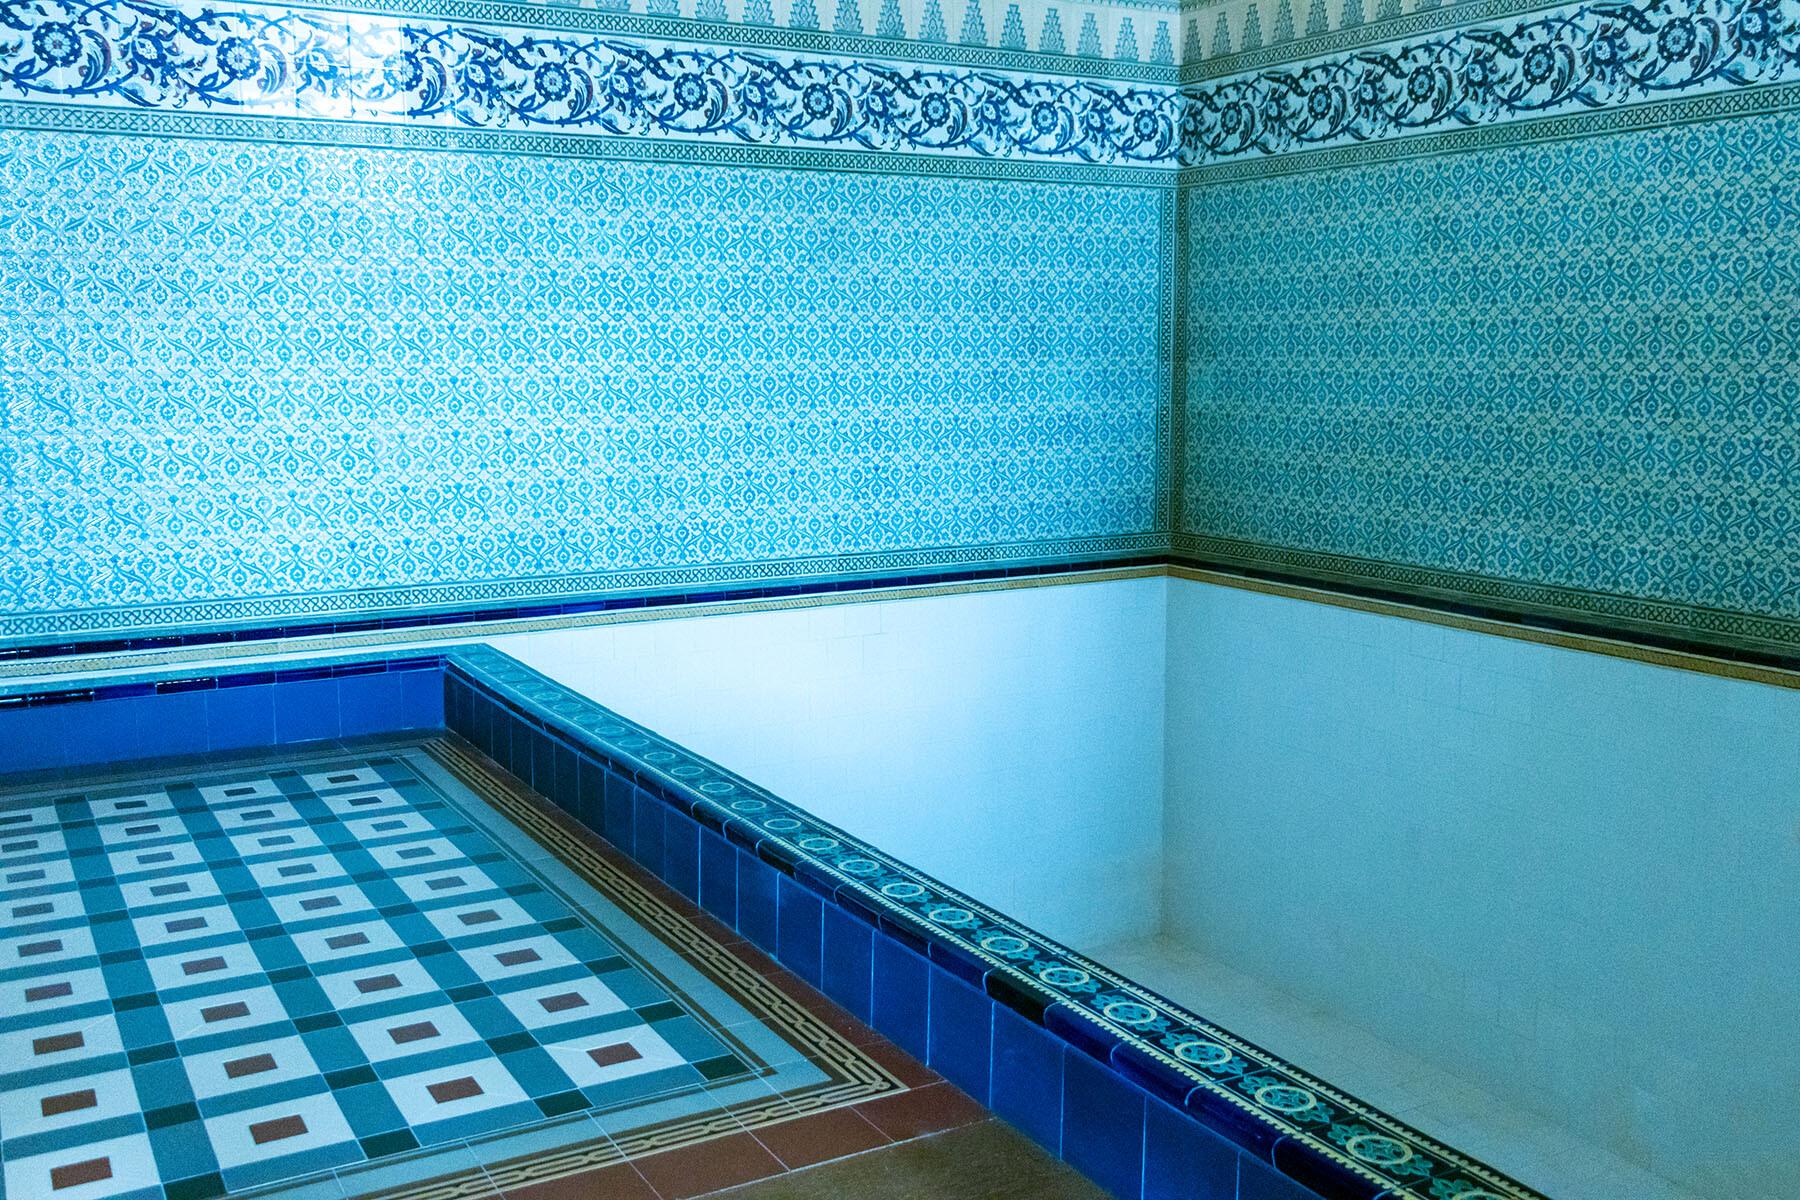 Мавританская уборная (Бассейная) Николая II в Александровском дворце IMG_0460.jpg